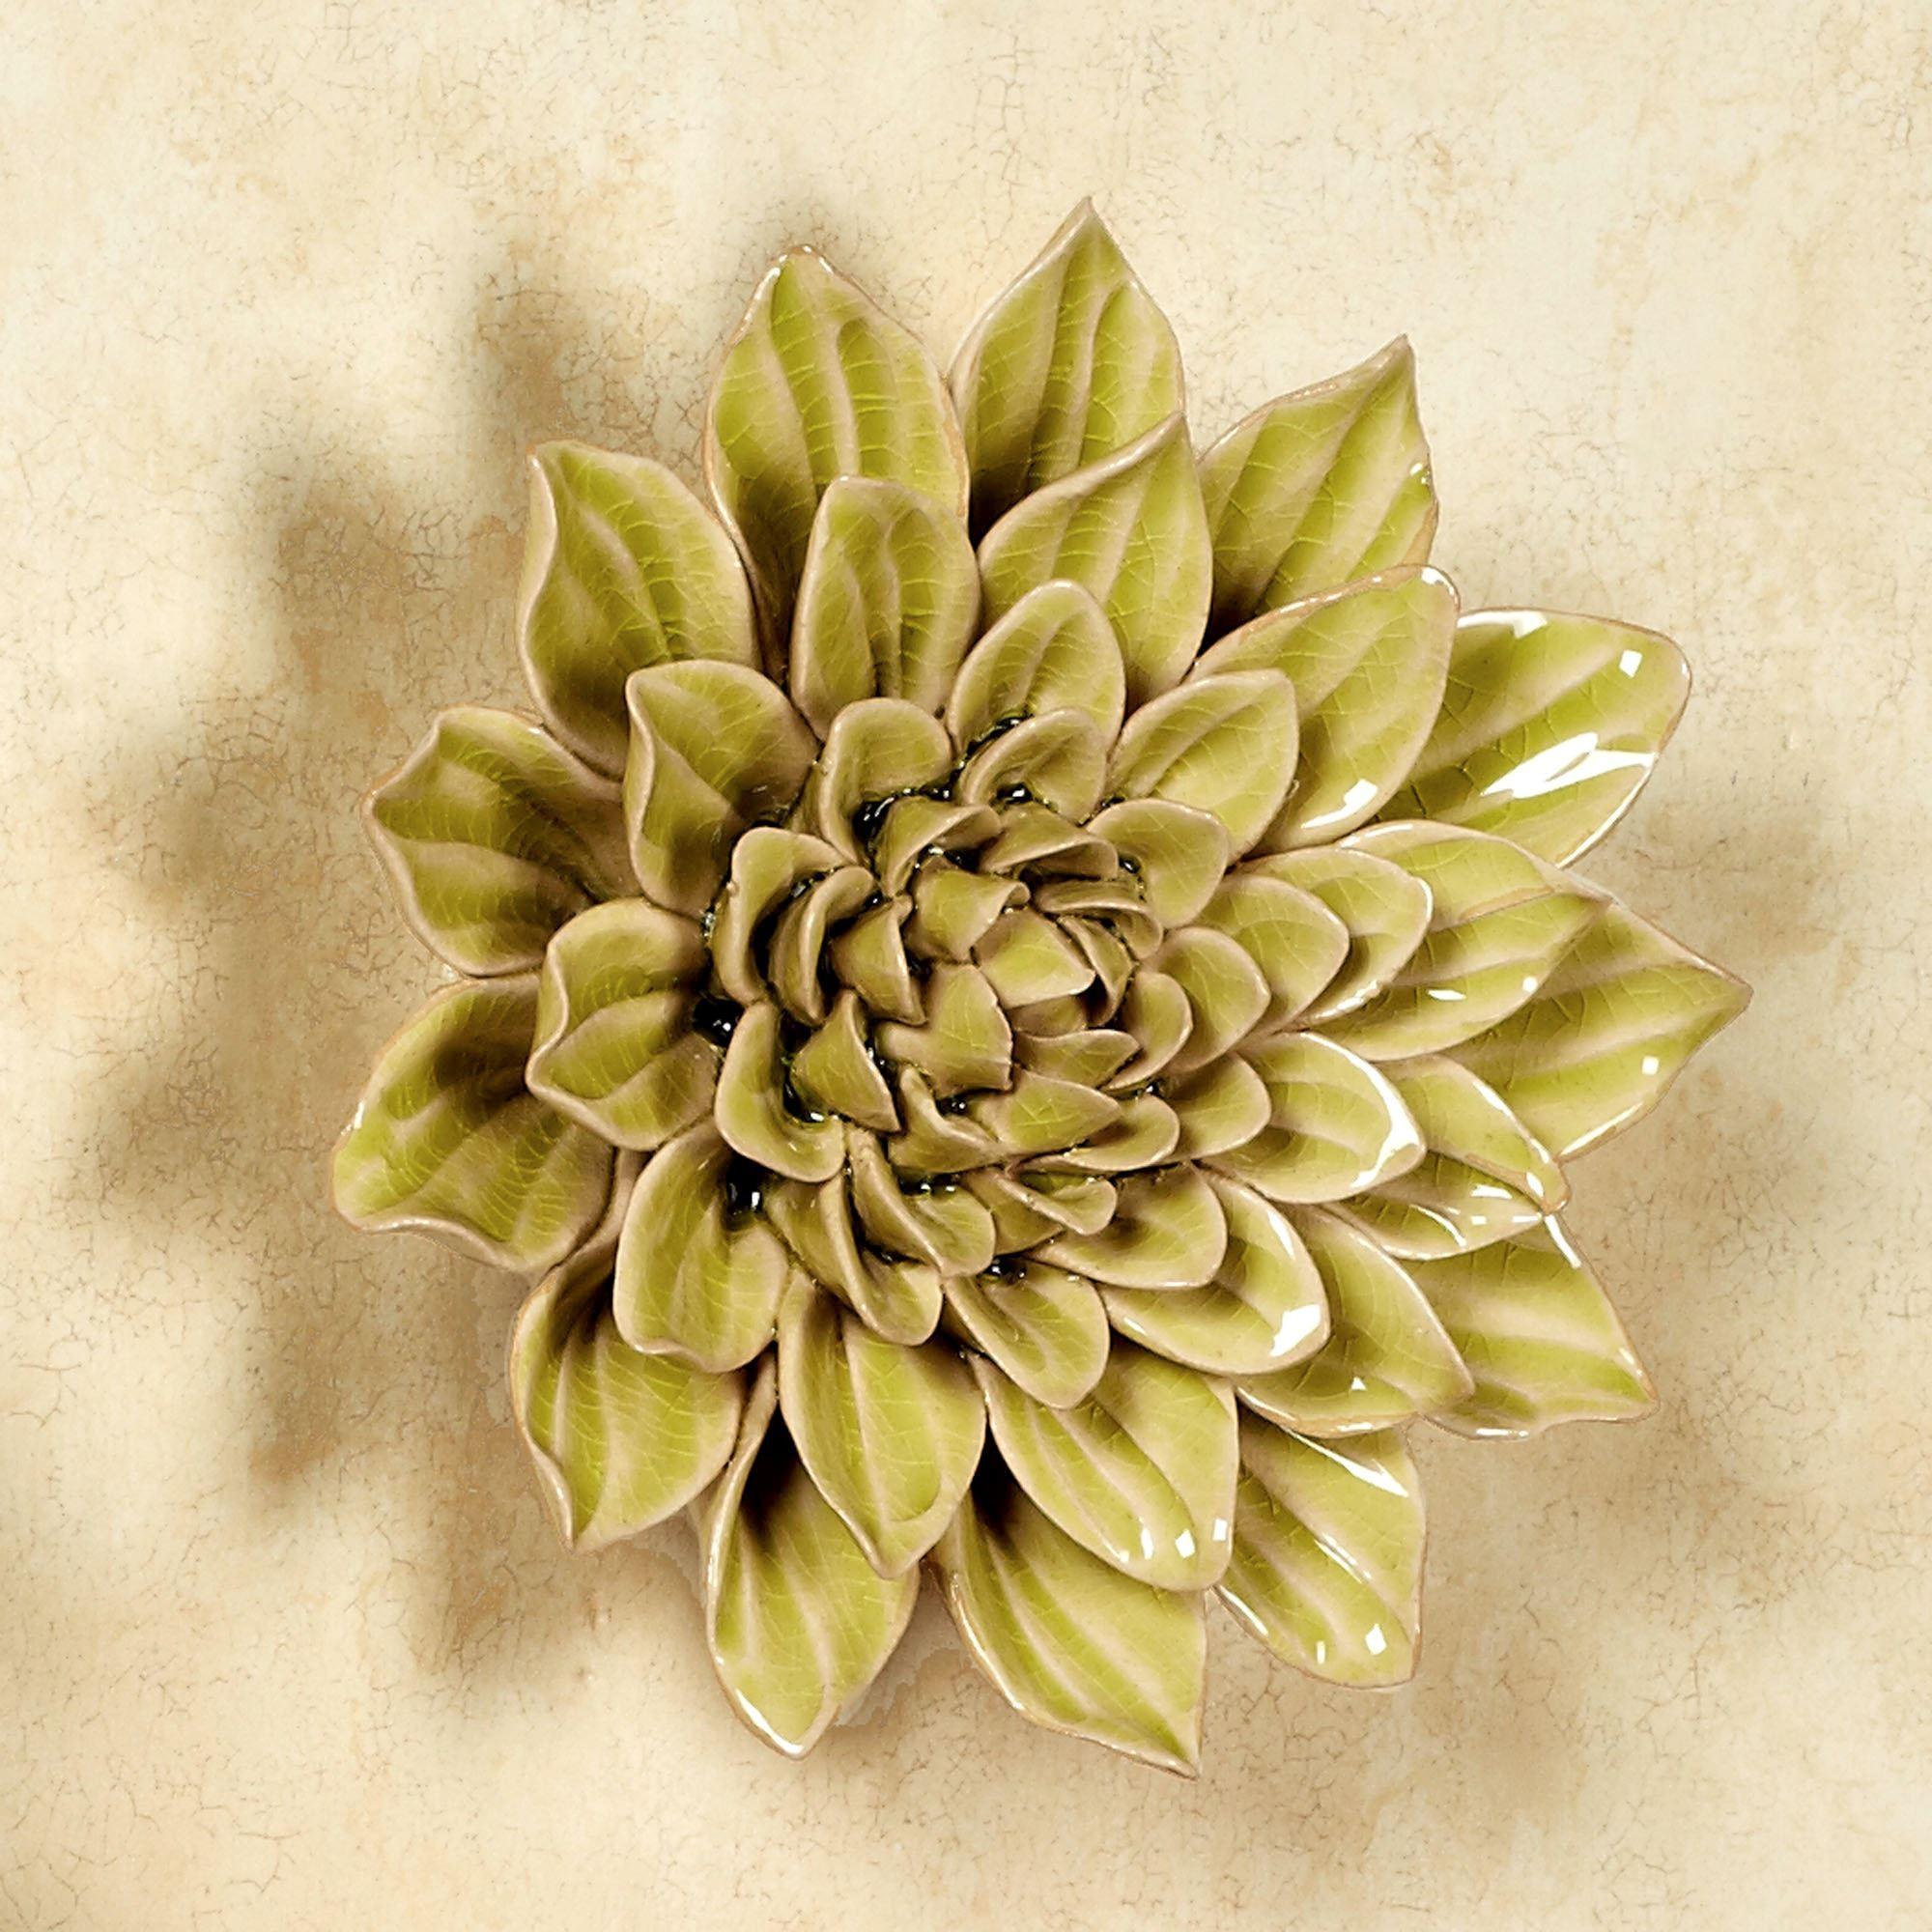 Isabella Ceramic Flower Blossom Wall Art within Ceramic Flower Wall Art